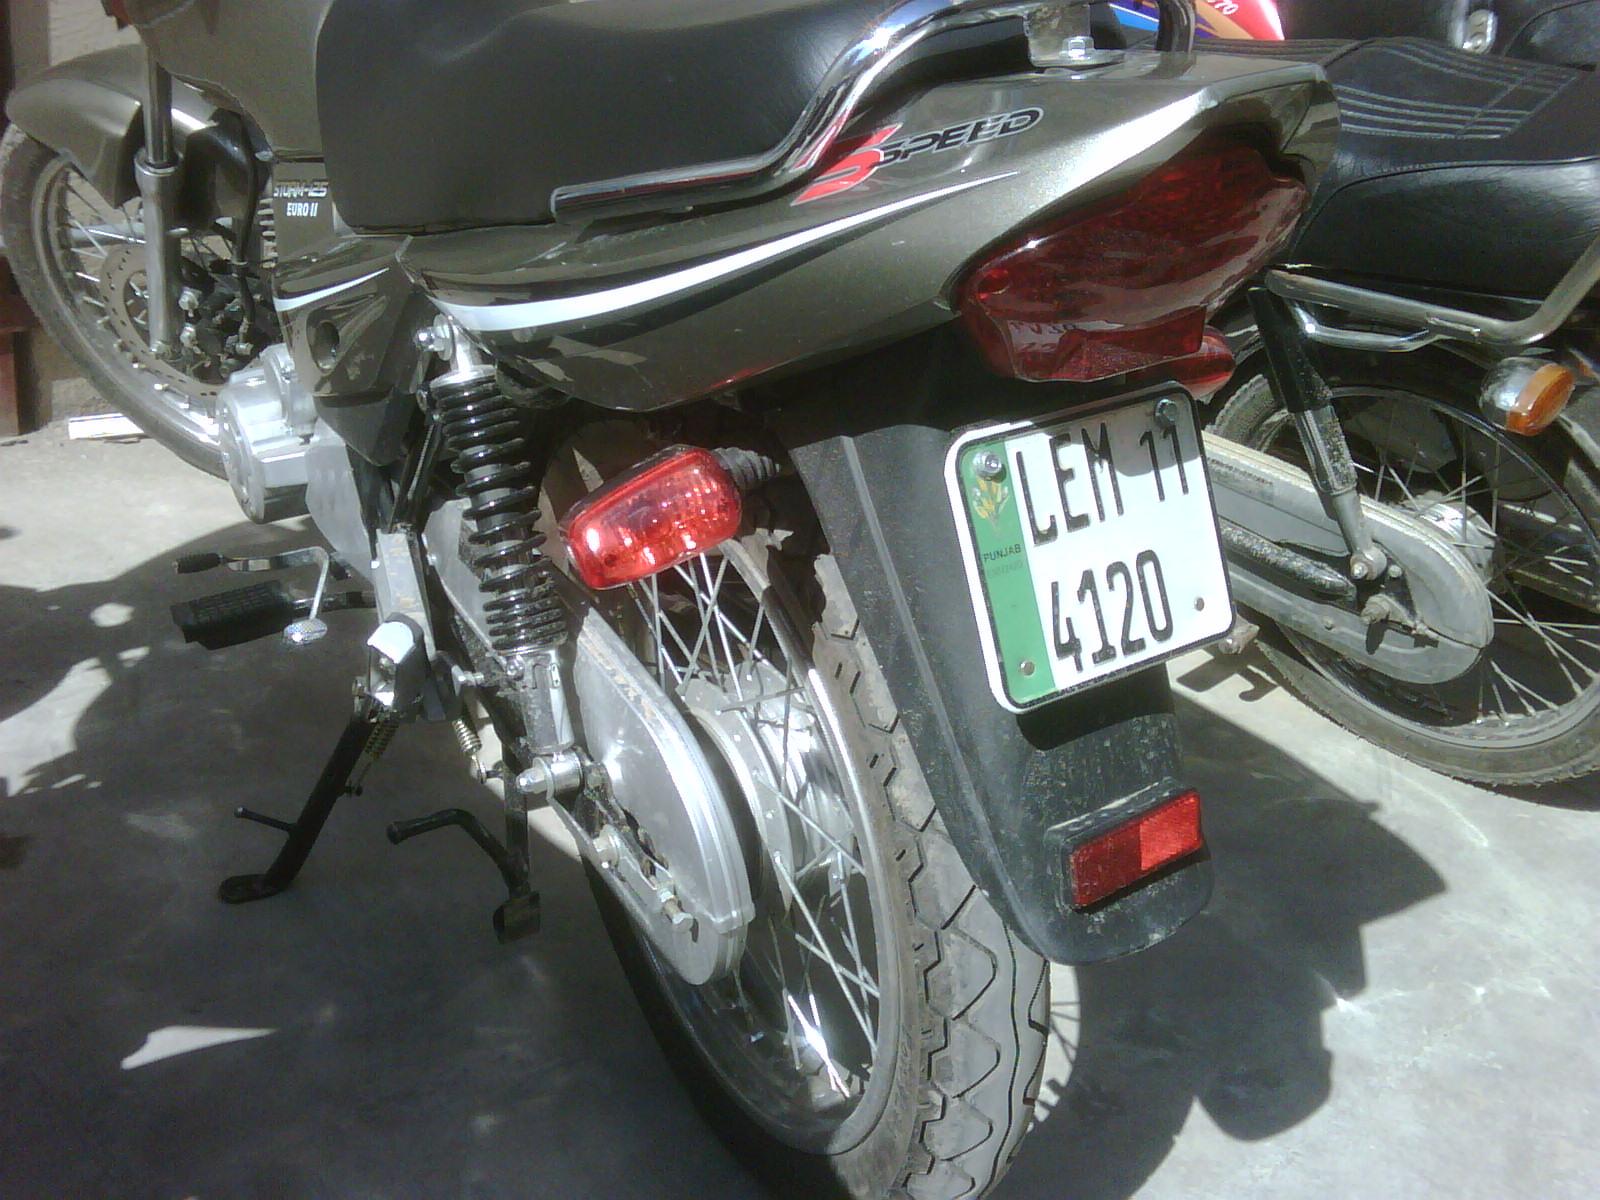 Ravi-Piaggio Storm-125 Euro II bike - ravi Piaggio 2011 384421